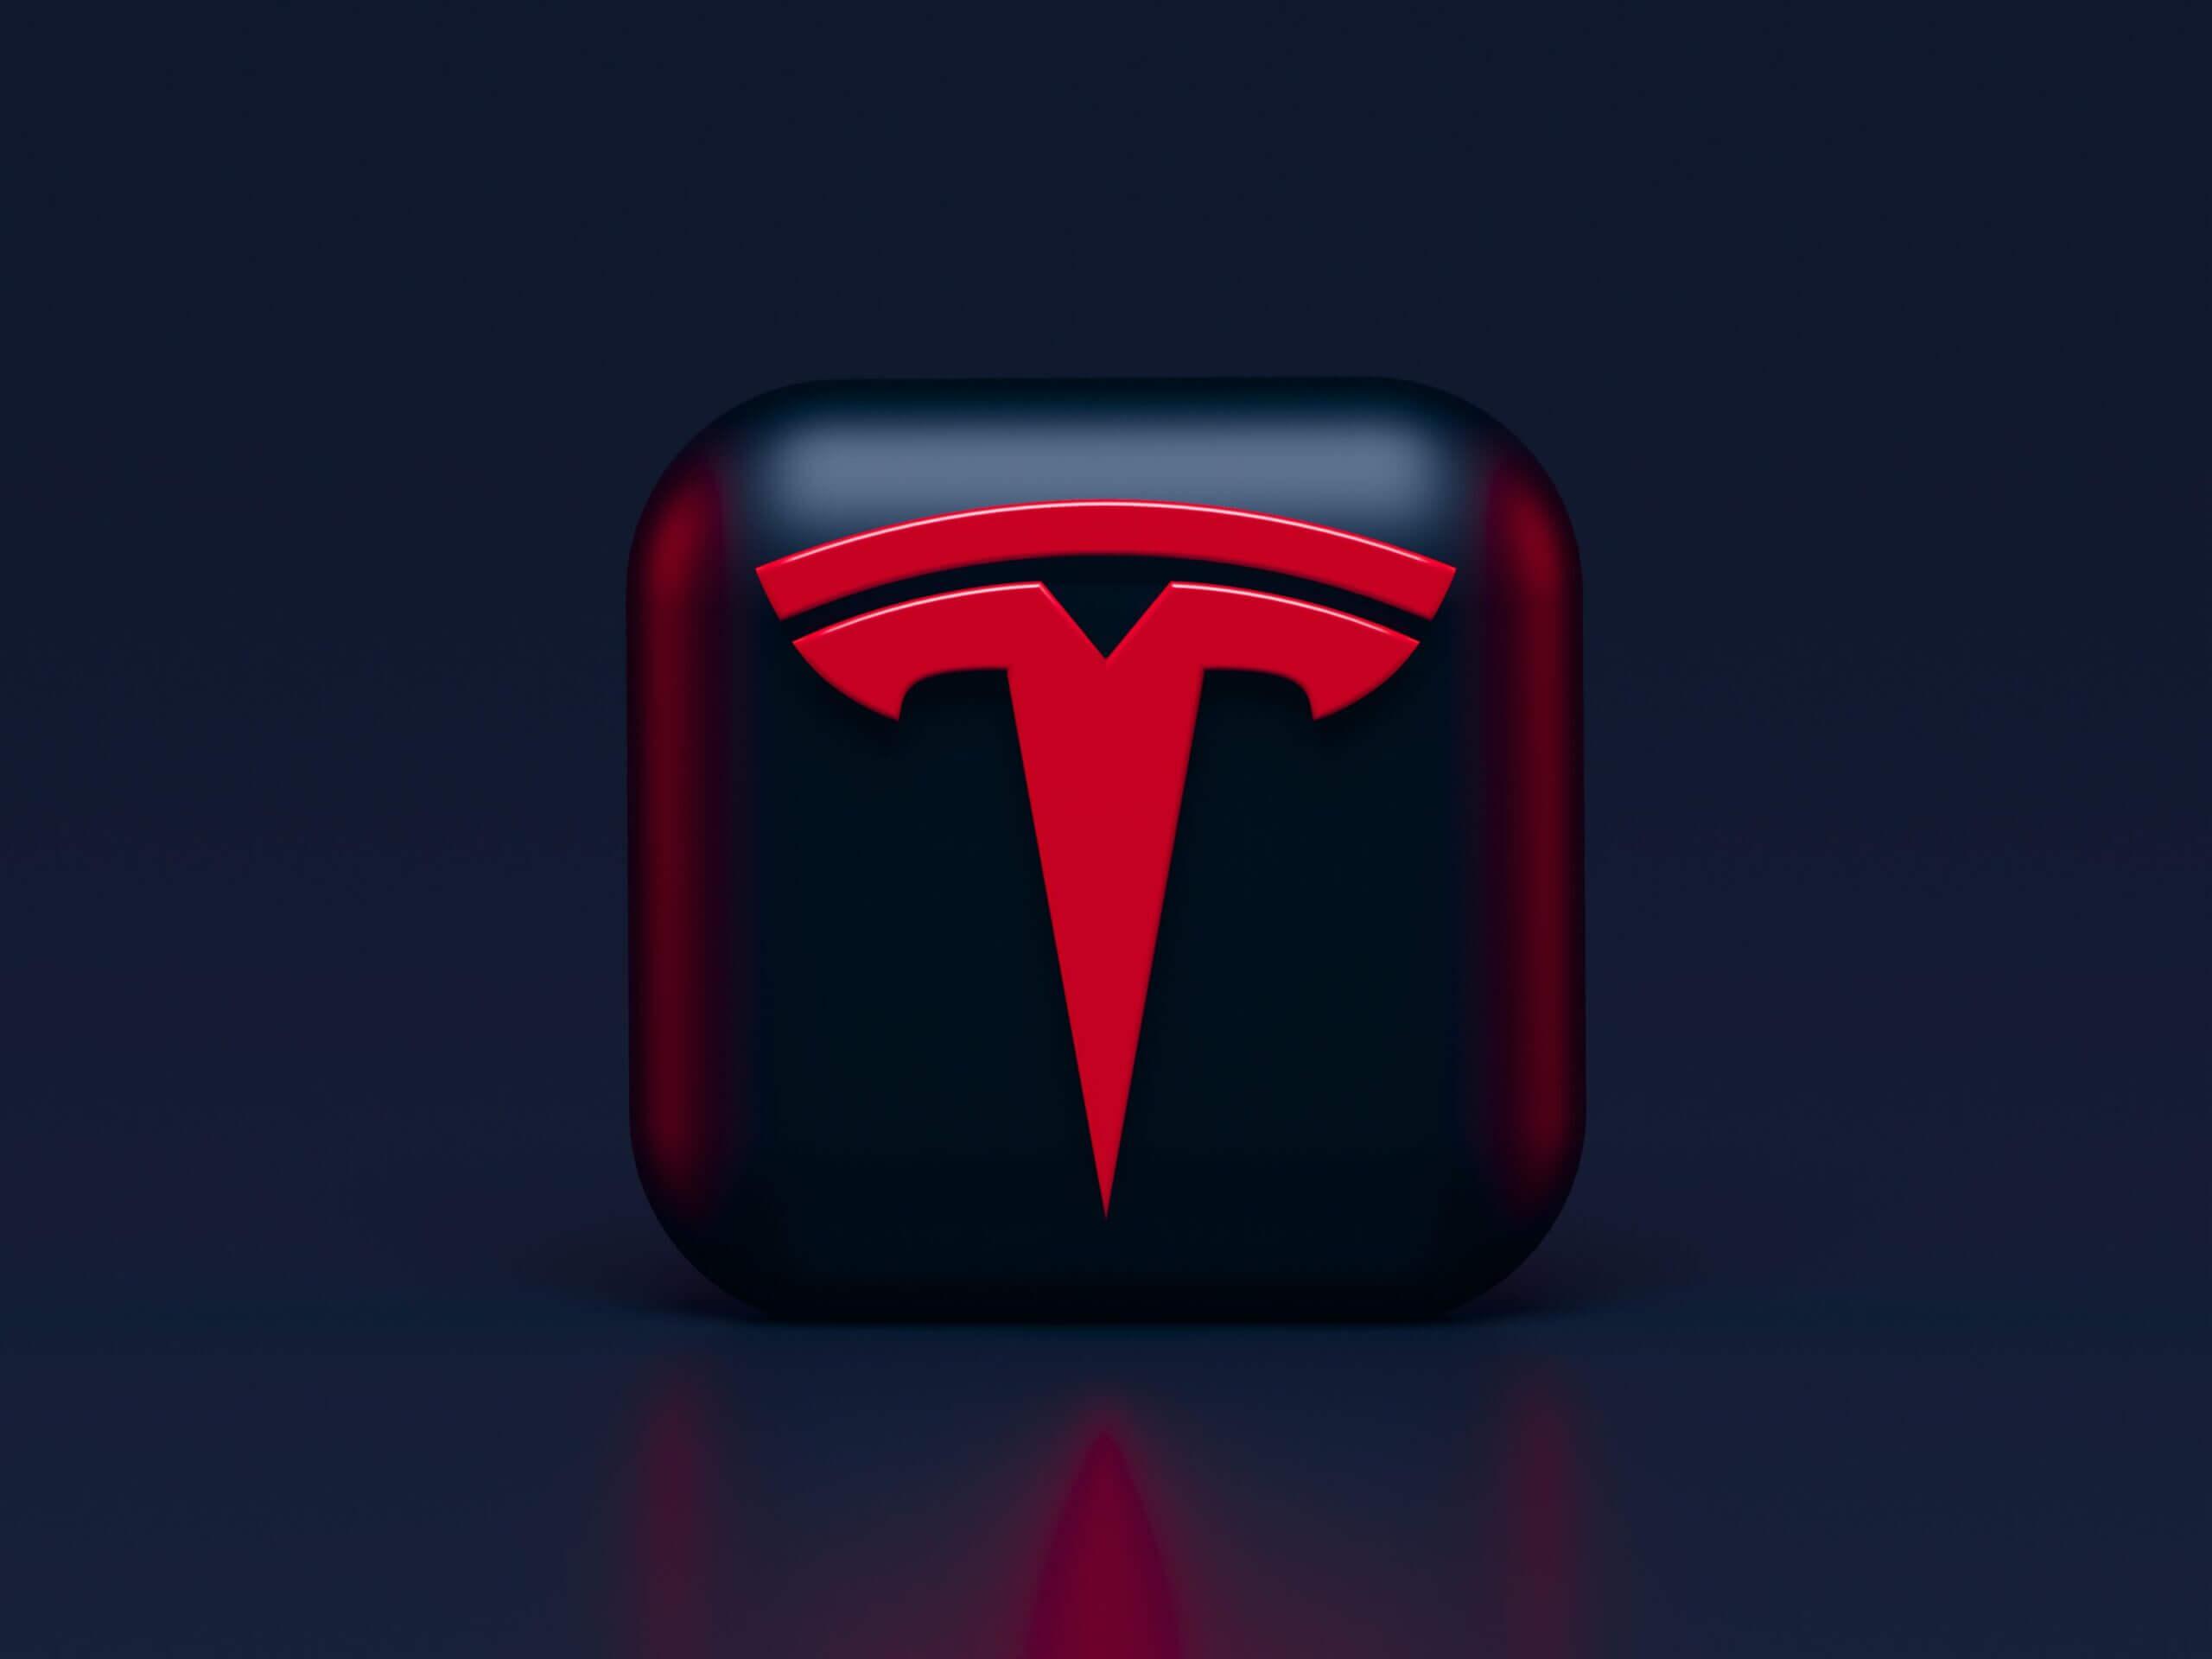 Tesla logo in red on black